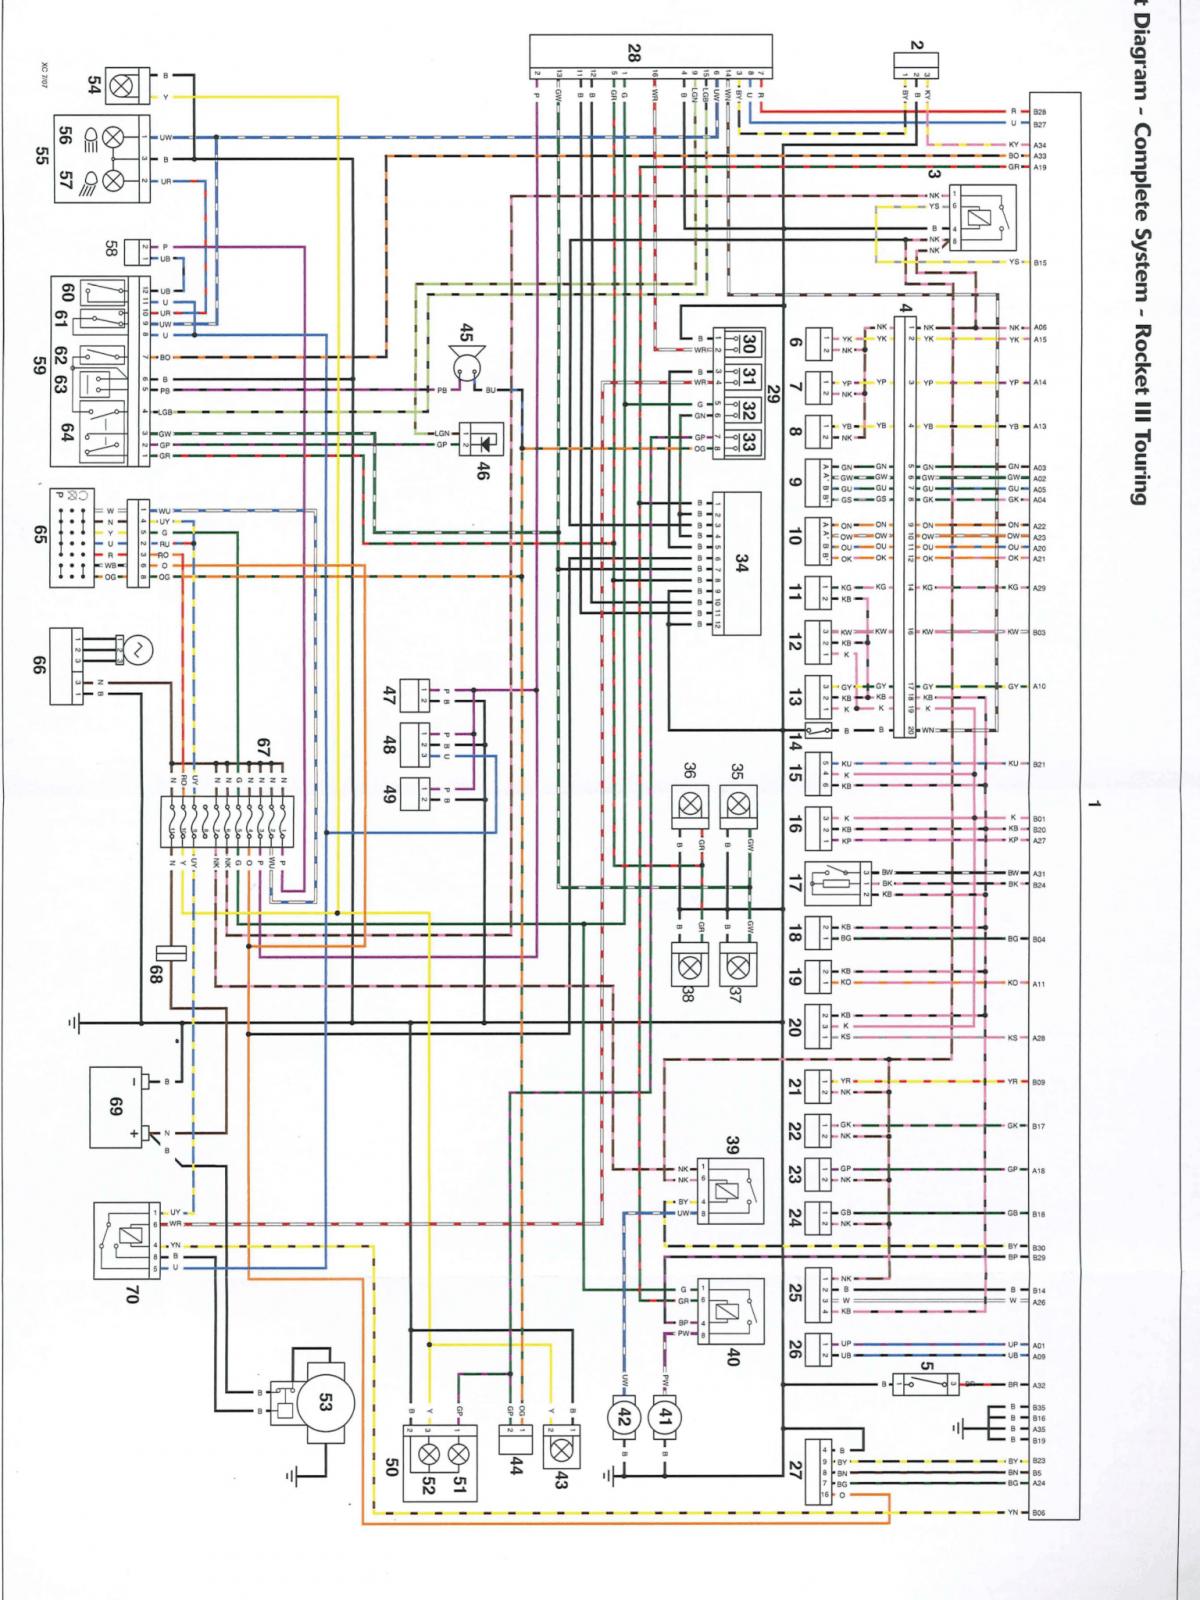 [SCHEMATICS_44OR]  Thruxton Wiring Schematic - lupa.www.seblock.de | Triumph America Wiring Diagram |  | Diagram Source - Wiring Schematic Diagram and Worksheet Resources